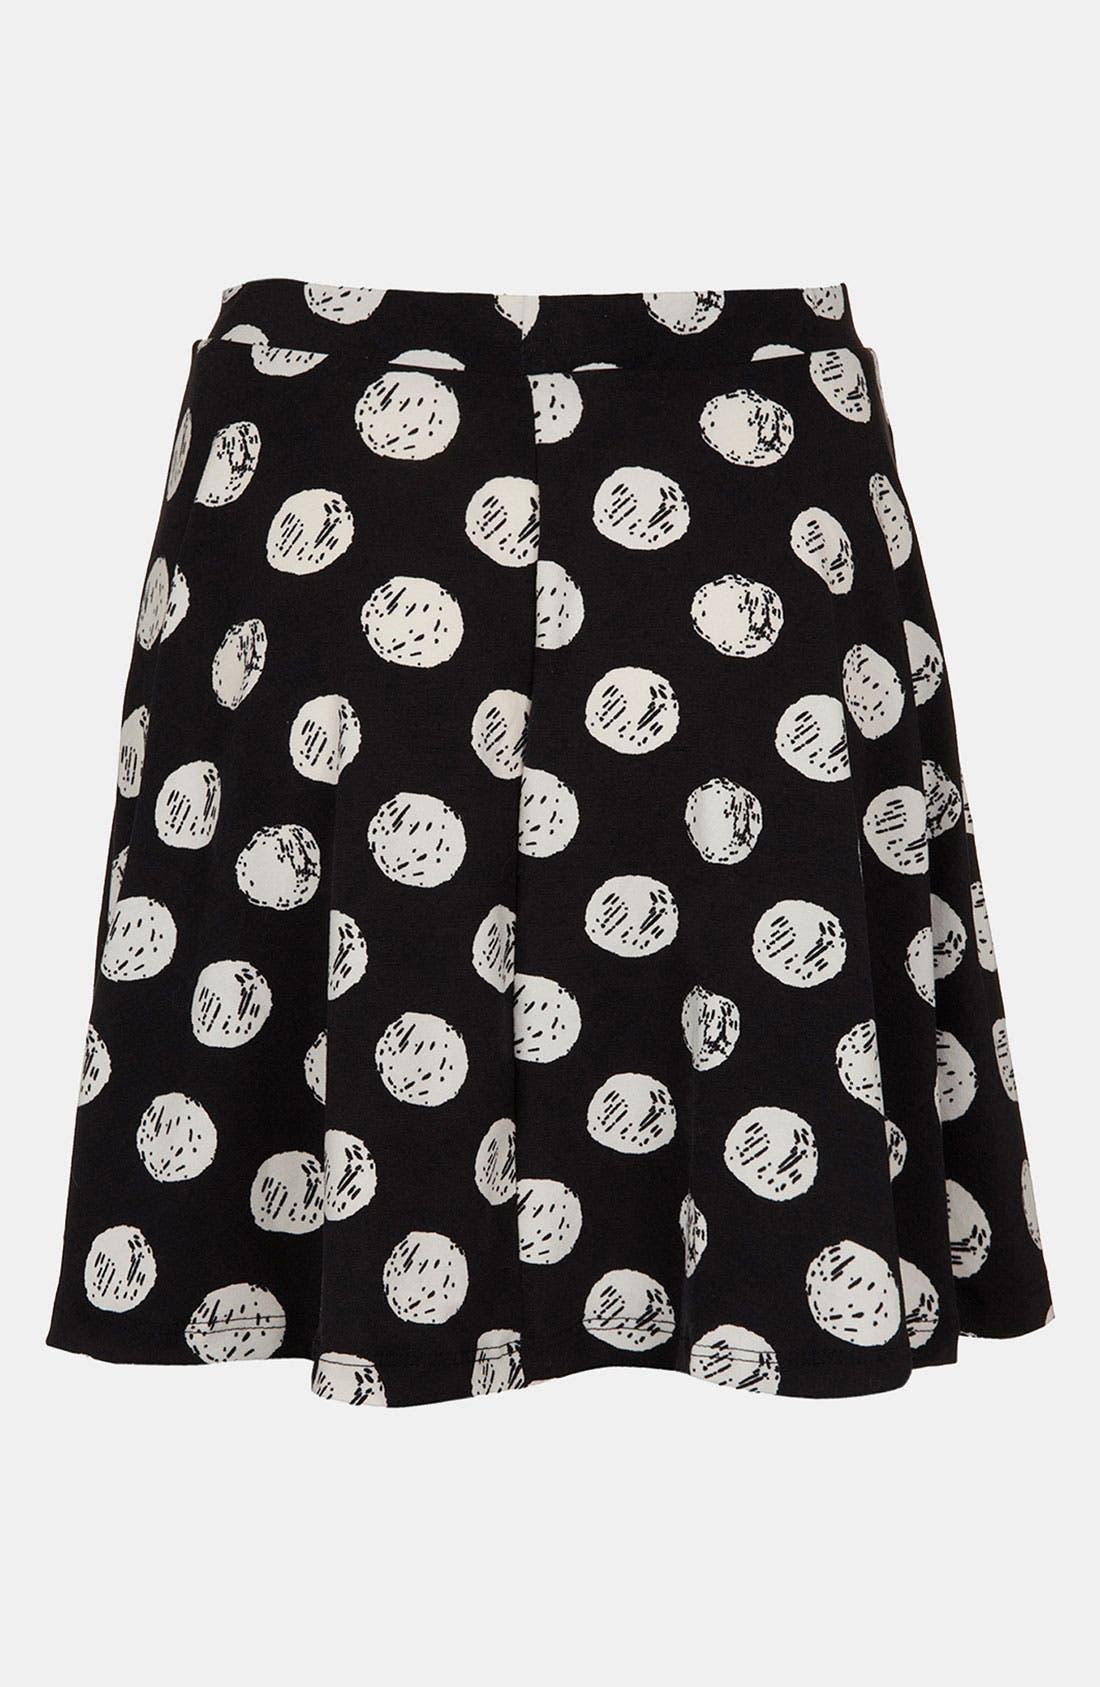 Alternate Image 1 Selected - Topshop Polka Dot Print Skater Skirt (Regular & Petite)